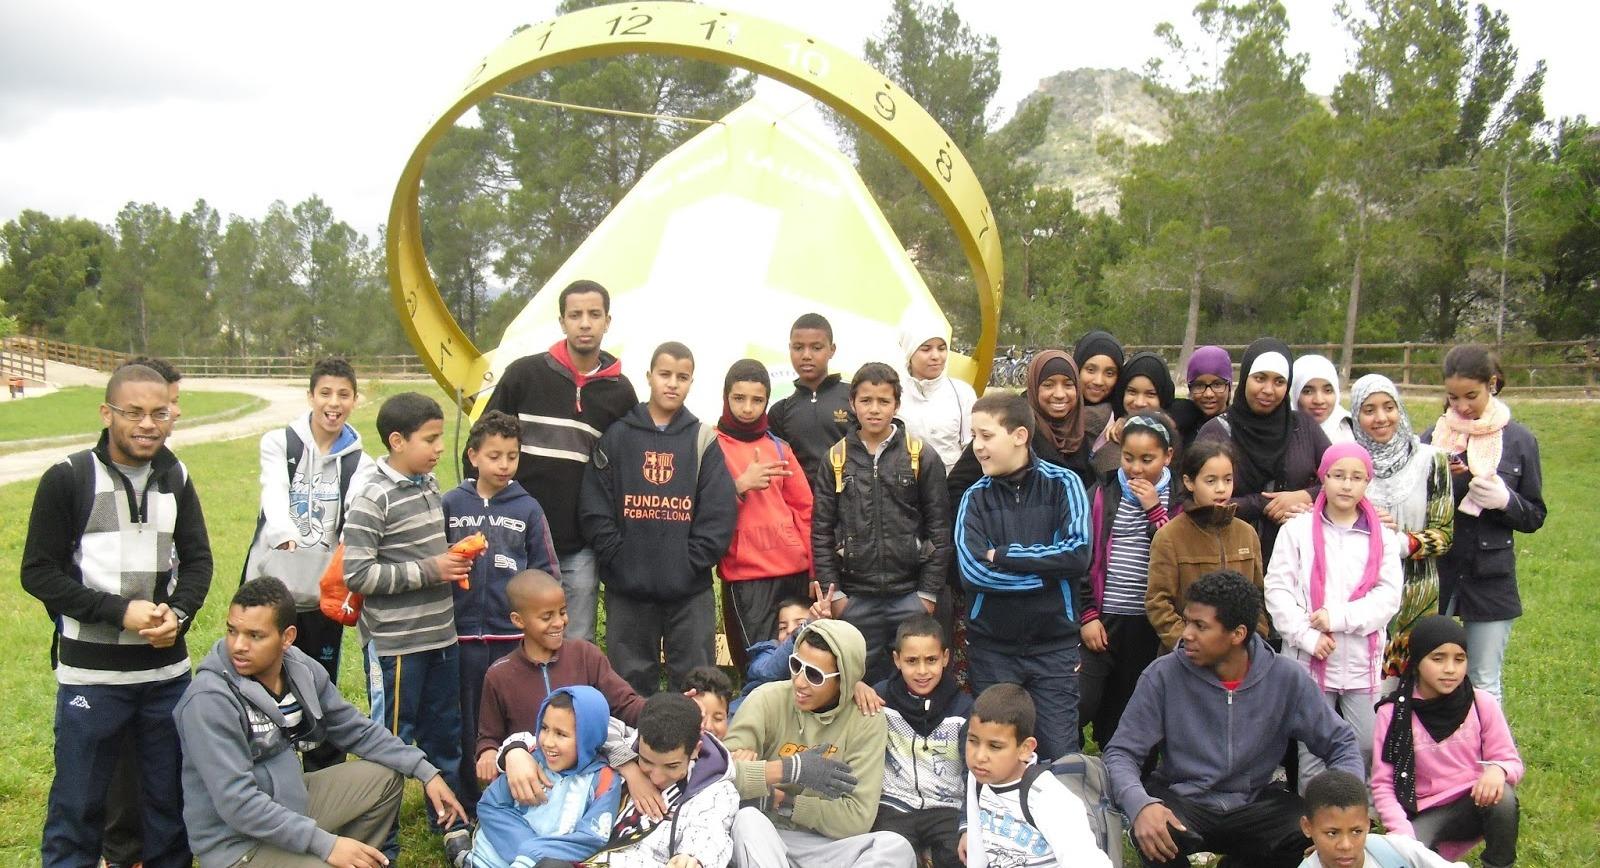 La Comunidad Islámica de Roquetes organiza una excursión a la Fontcalda